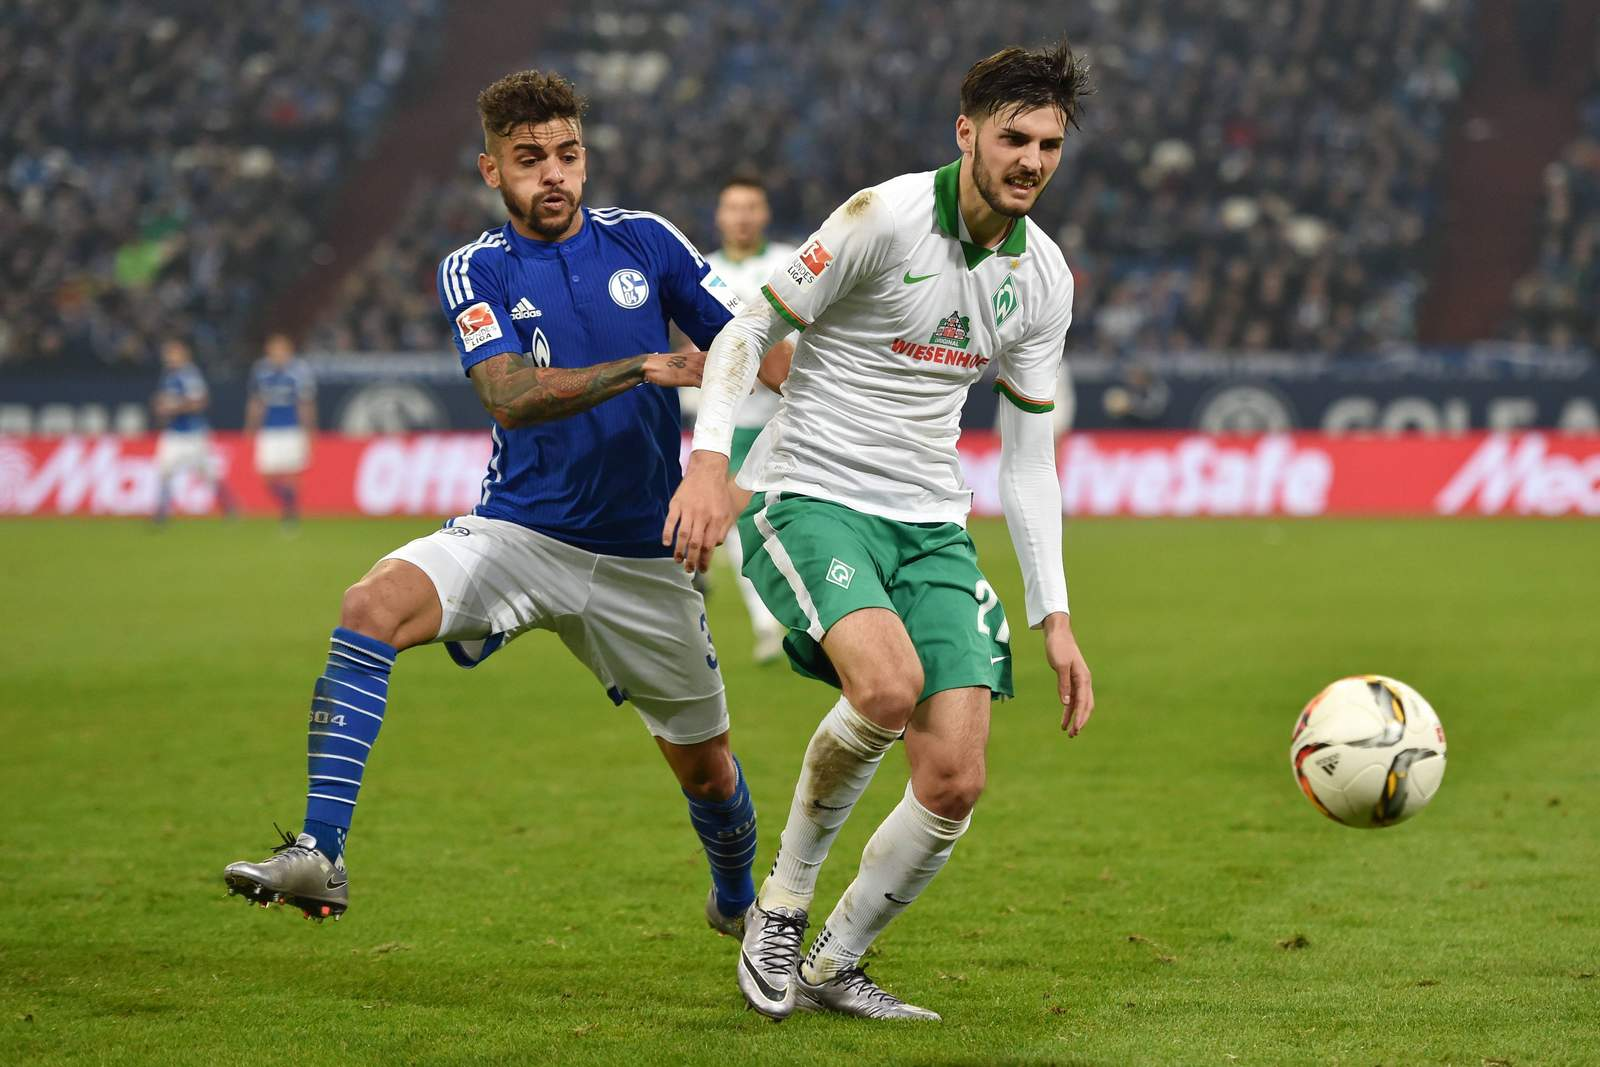 Junior Caicara bedrängt Florian Grillitsch. Jetzt auf Schalke gegen Werder Bremen wetten!